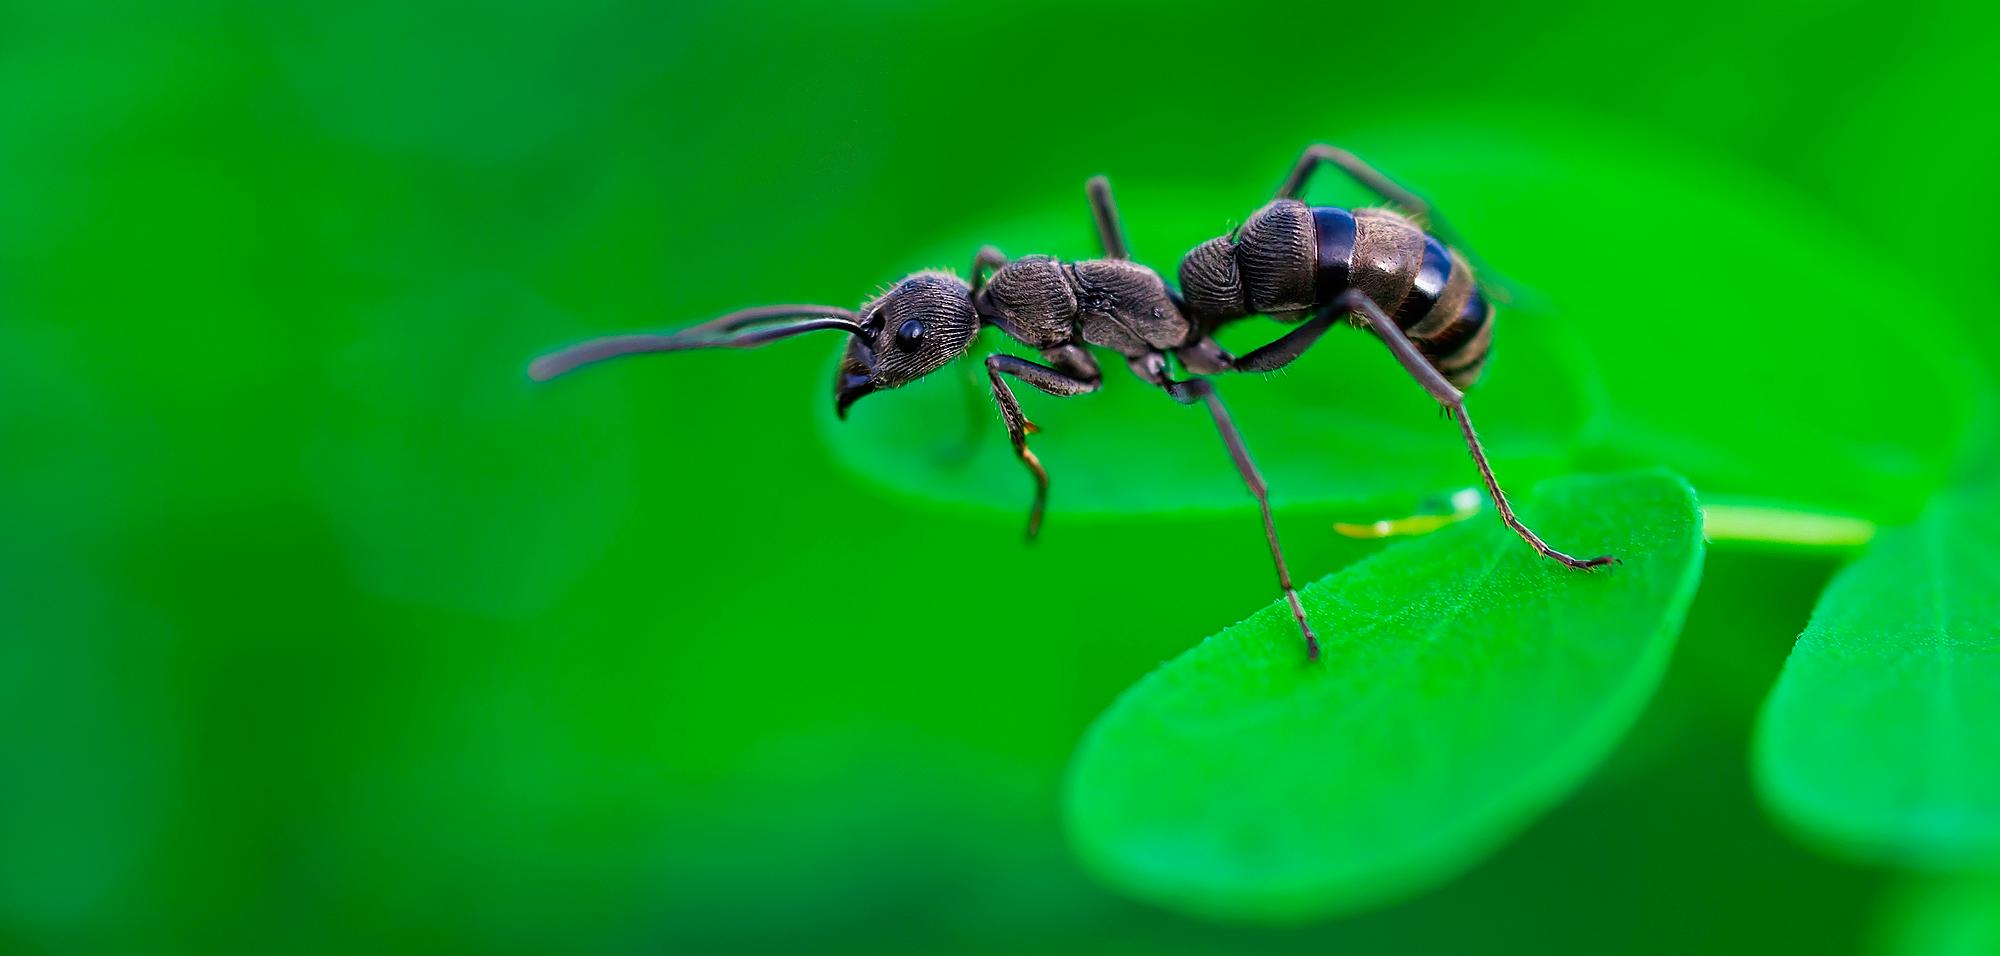 extermination-de-fourmis-insectes-nuisibles